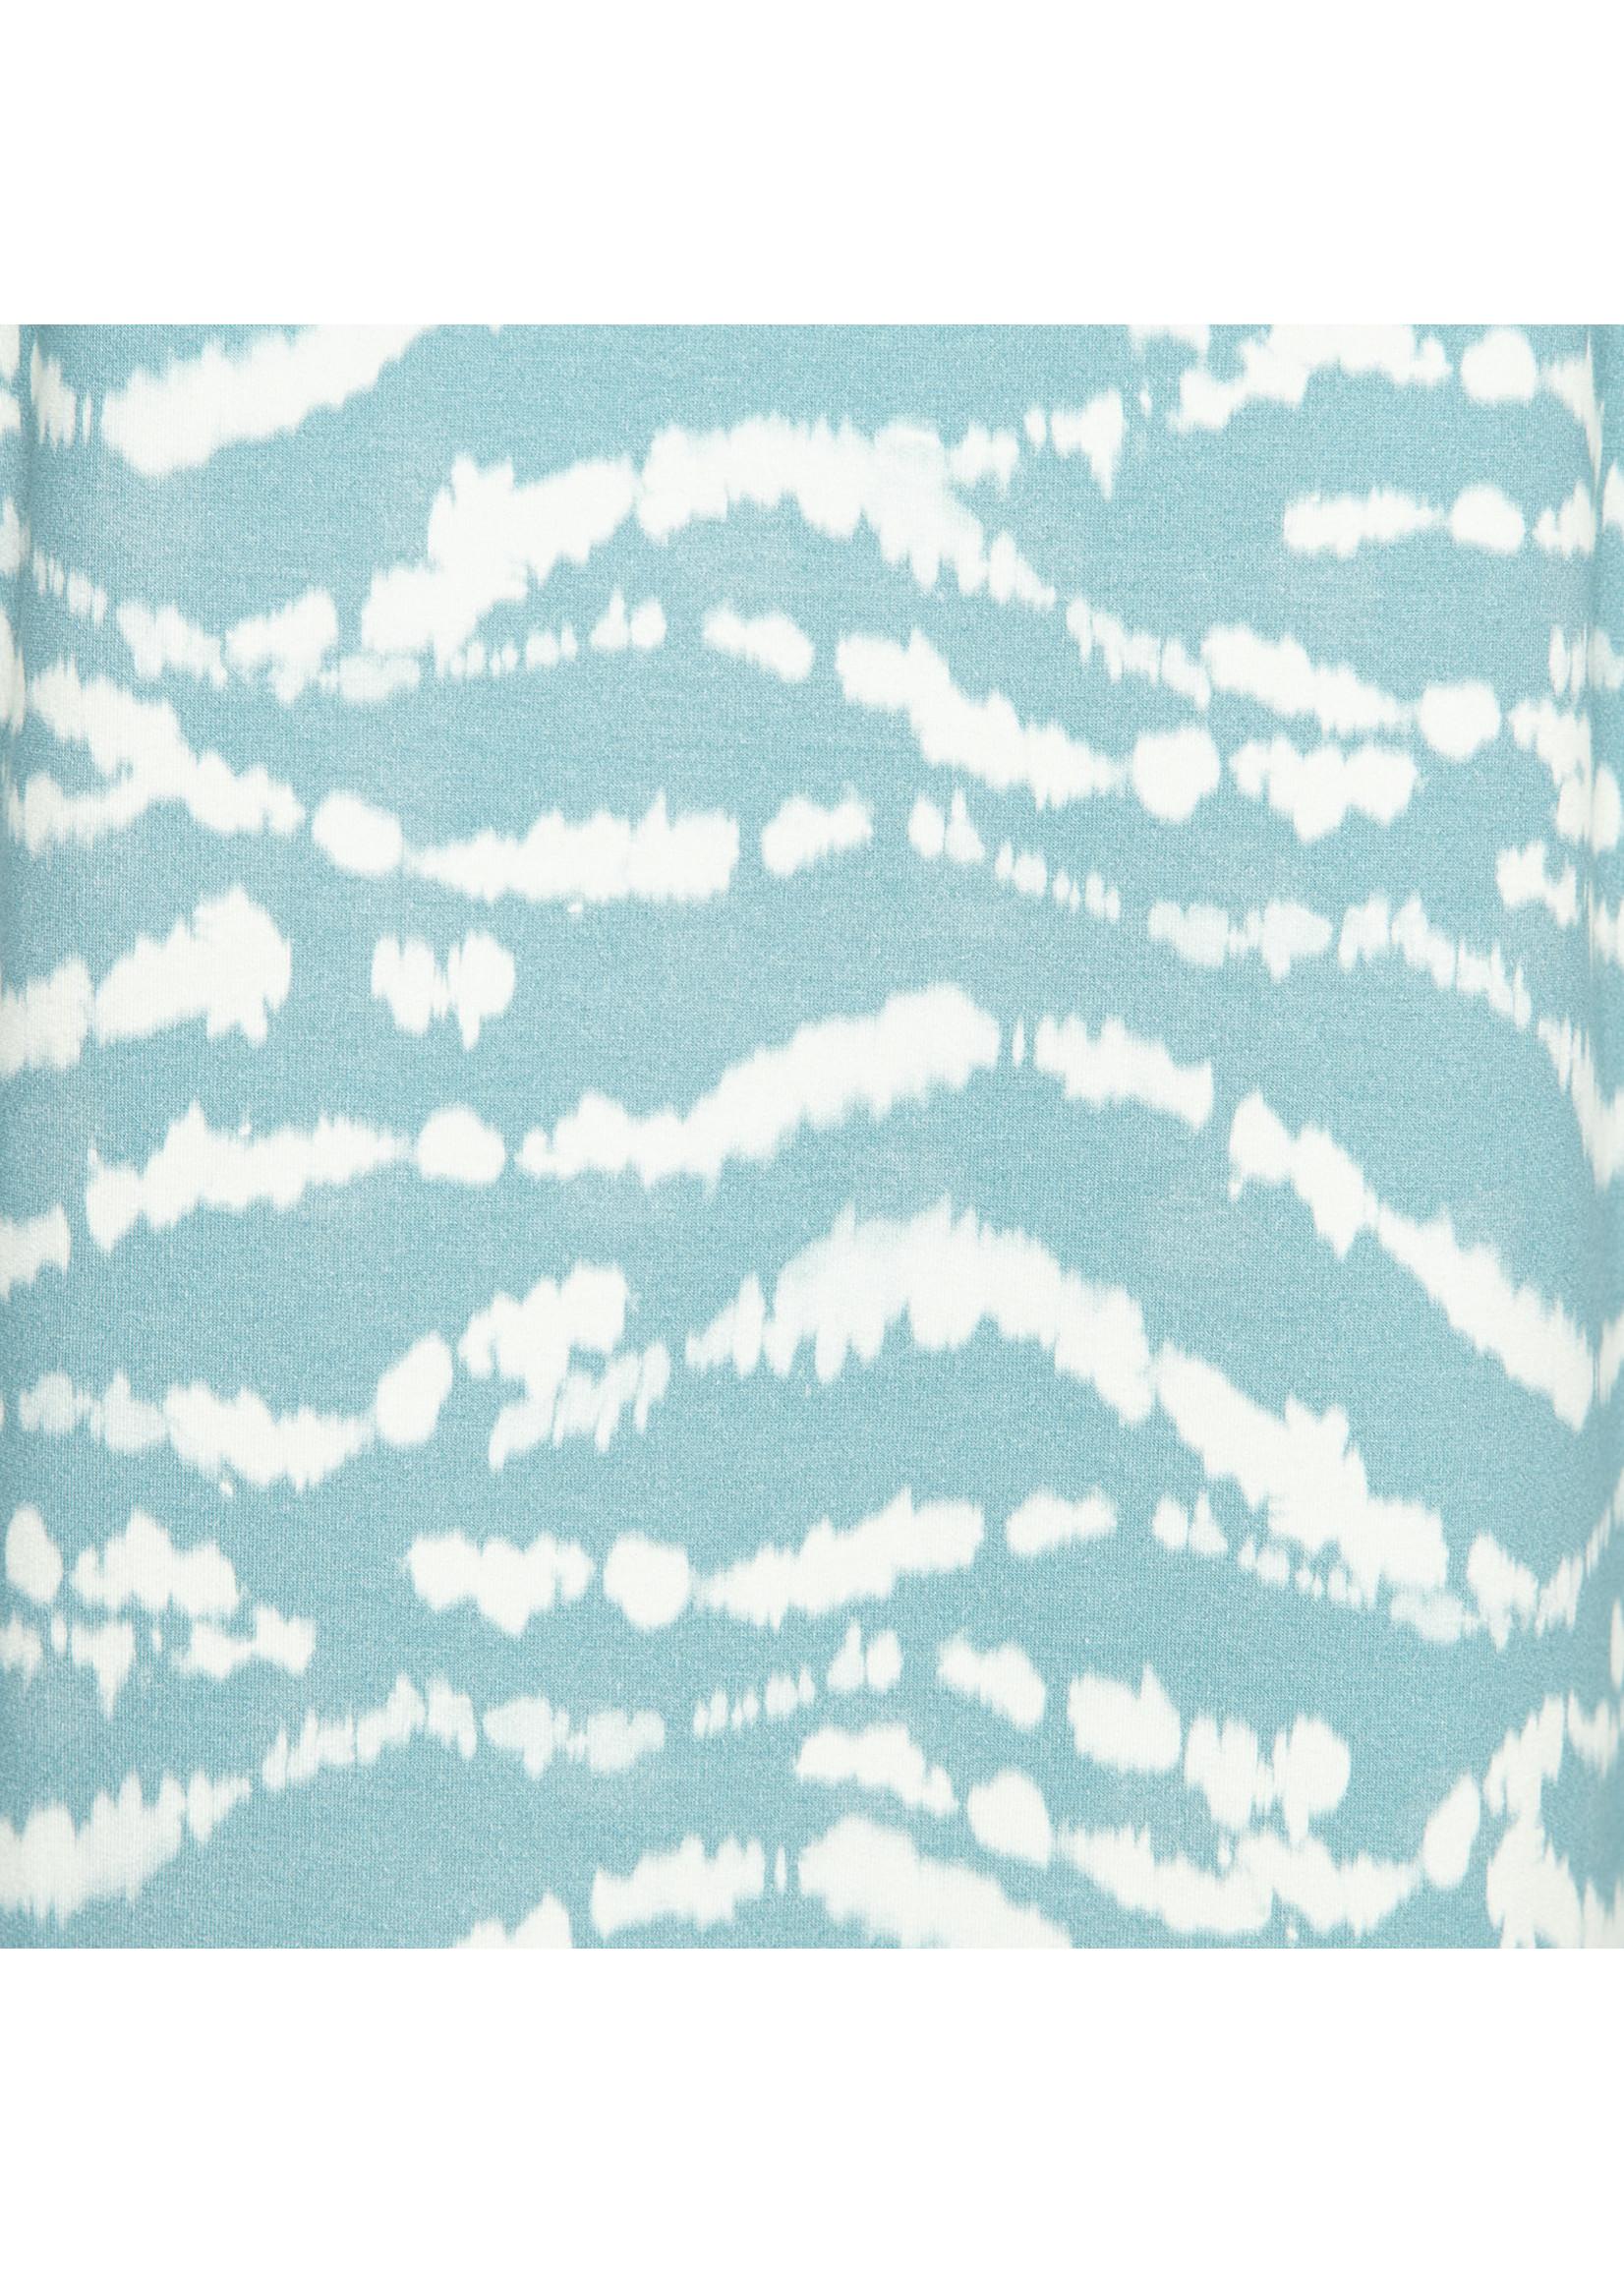 &Co Women CANDY SWEATDRESS TIE-DYE (M.OCEAN)